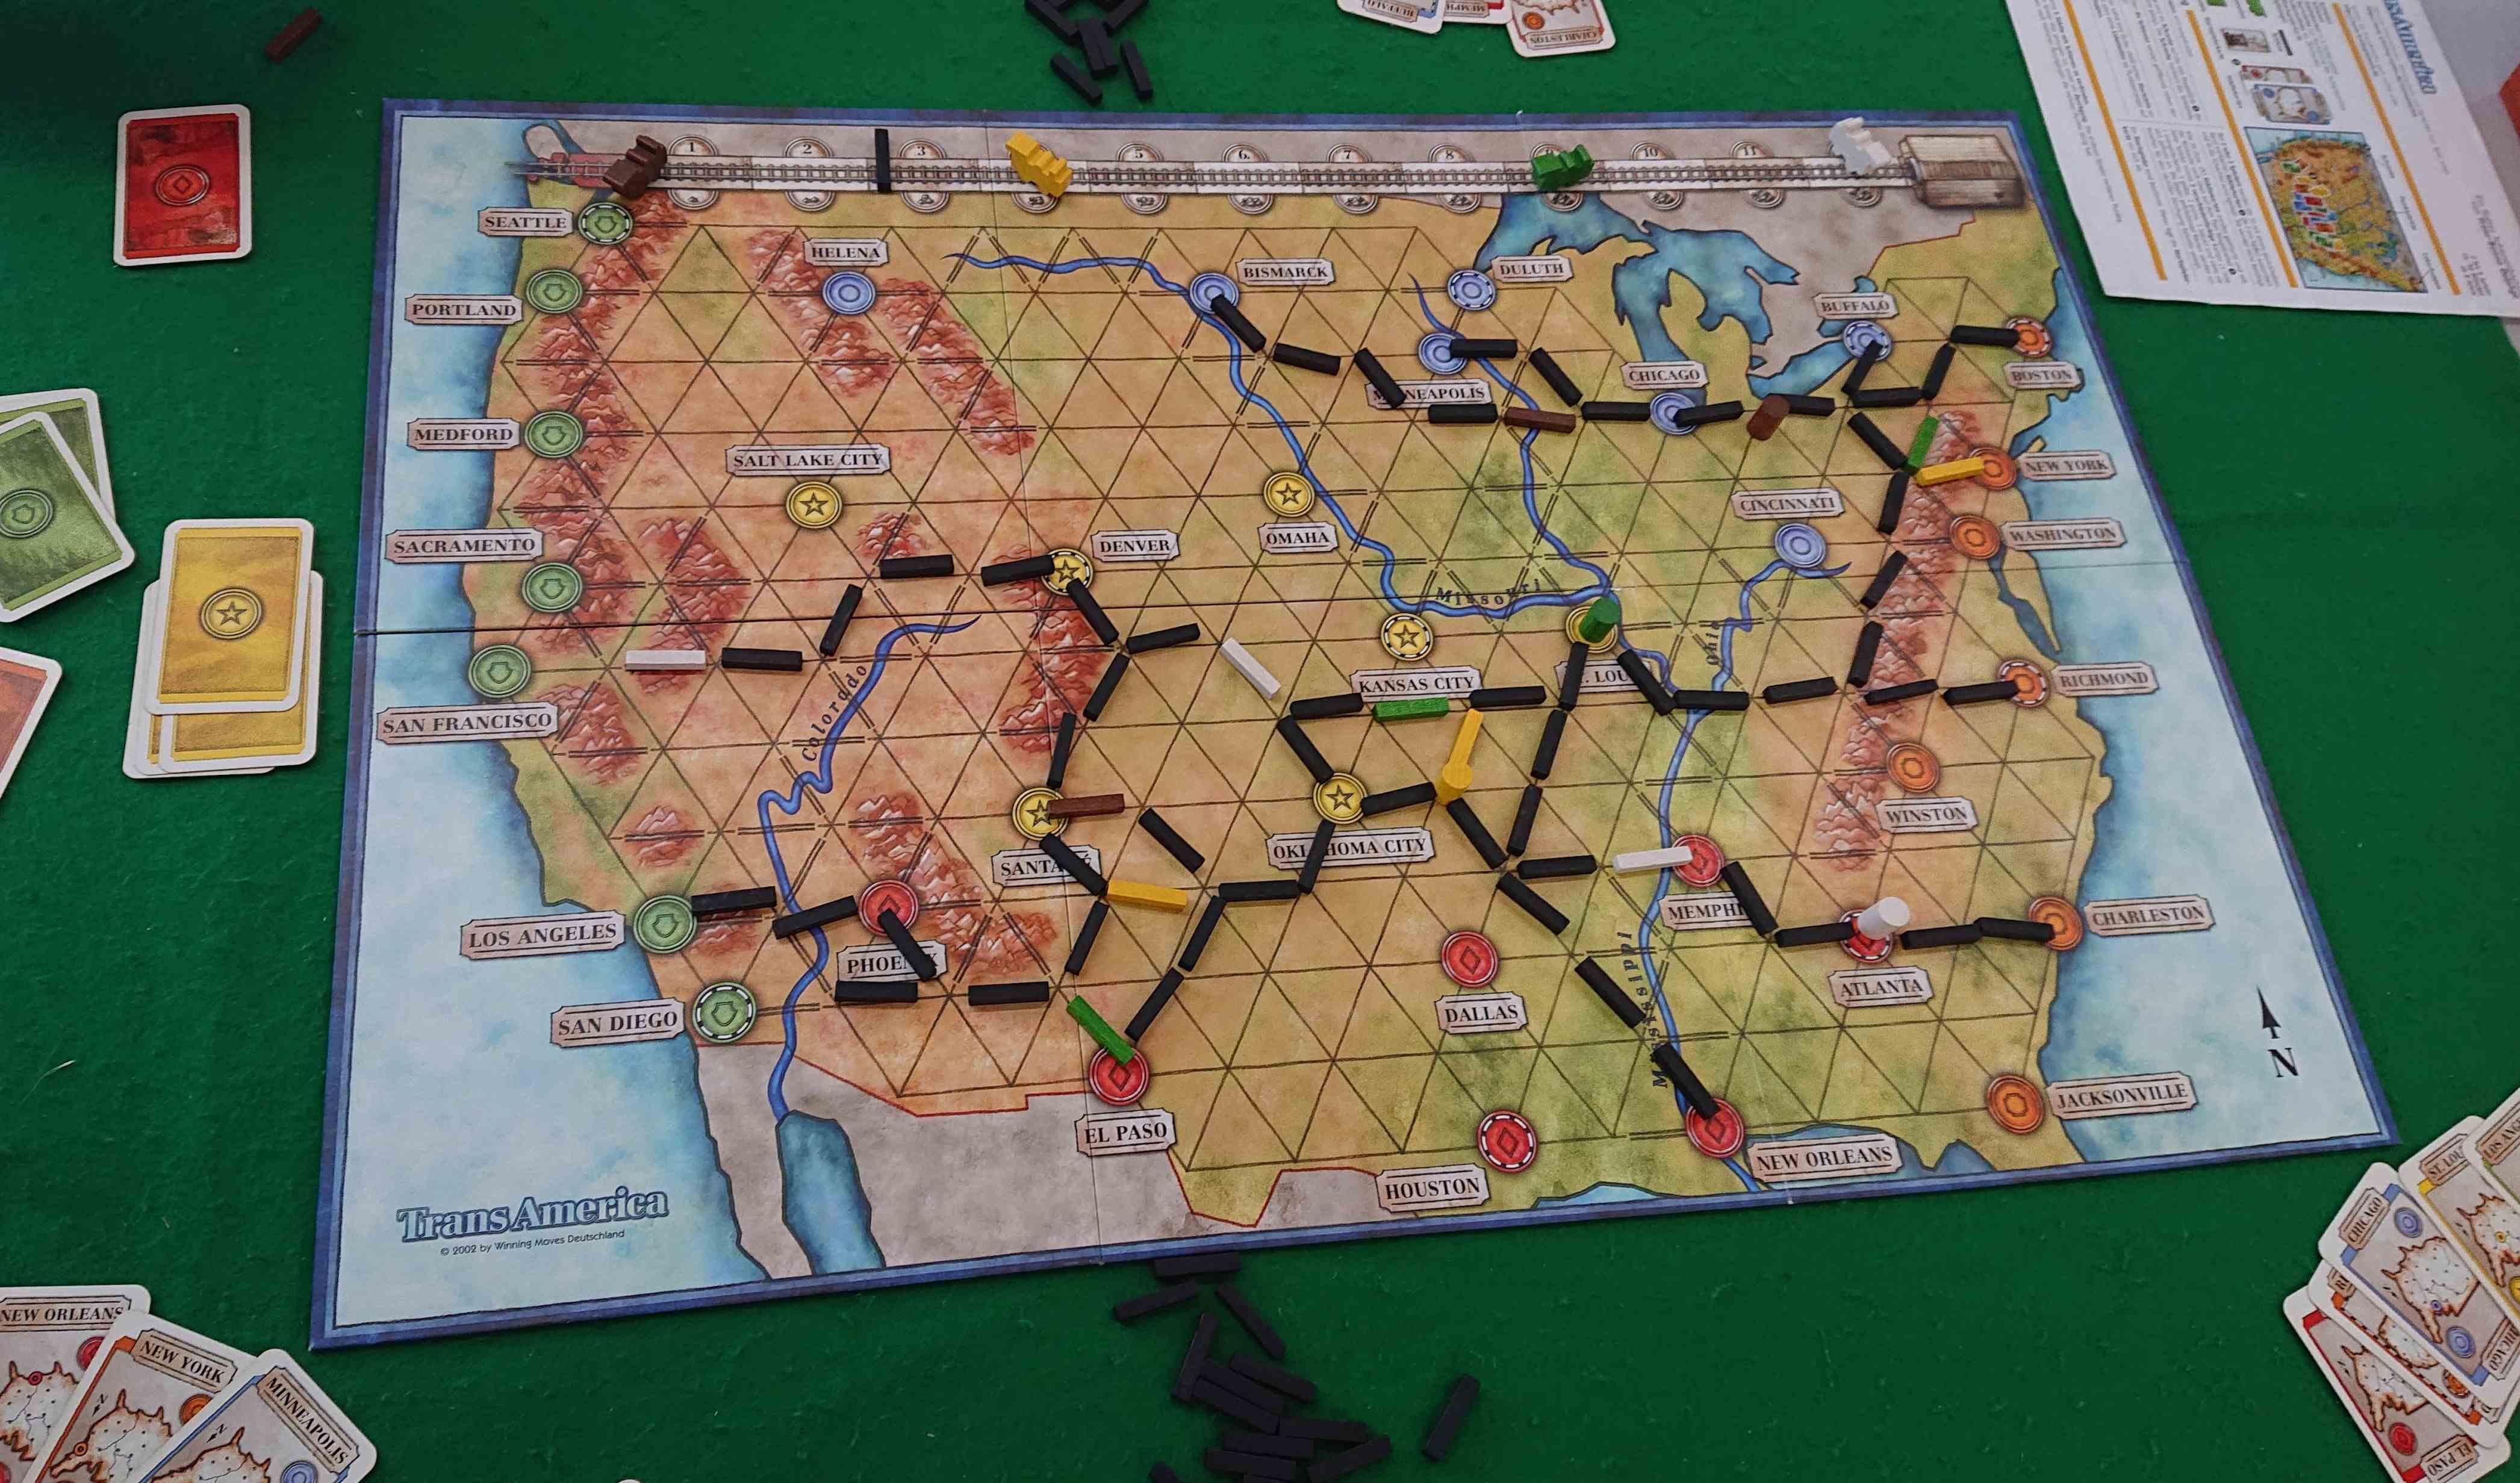 「トランスアメリカ」「SETLLIUM」「四国」ボードゲーム会でプレイしたゲーム 感想